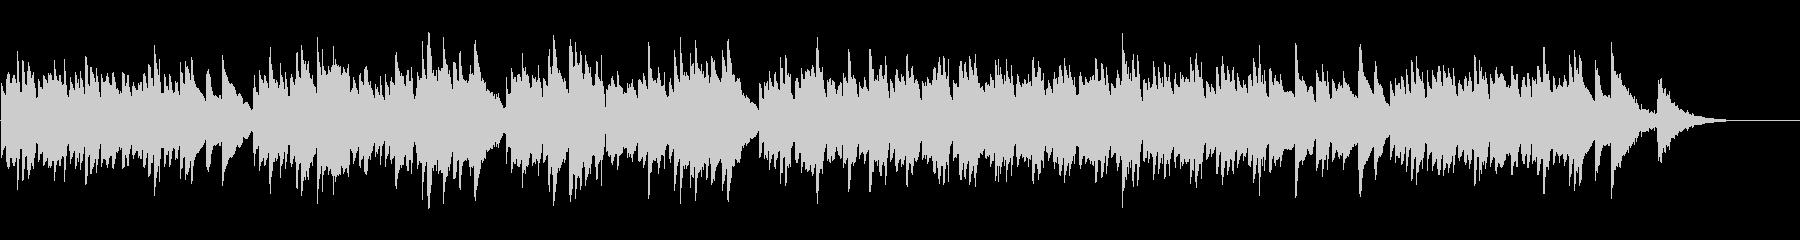 煌びやかで切ないエレピの音色の未再生の波形